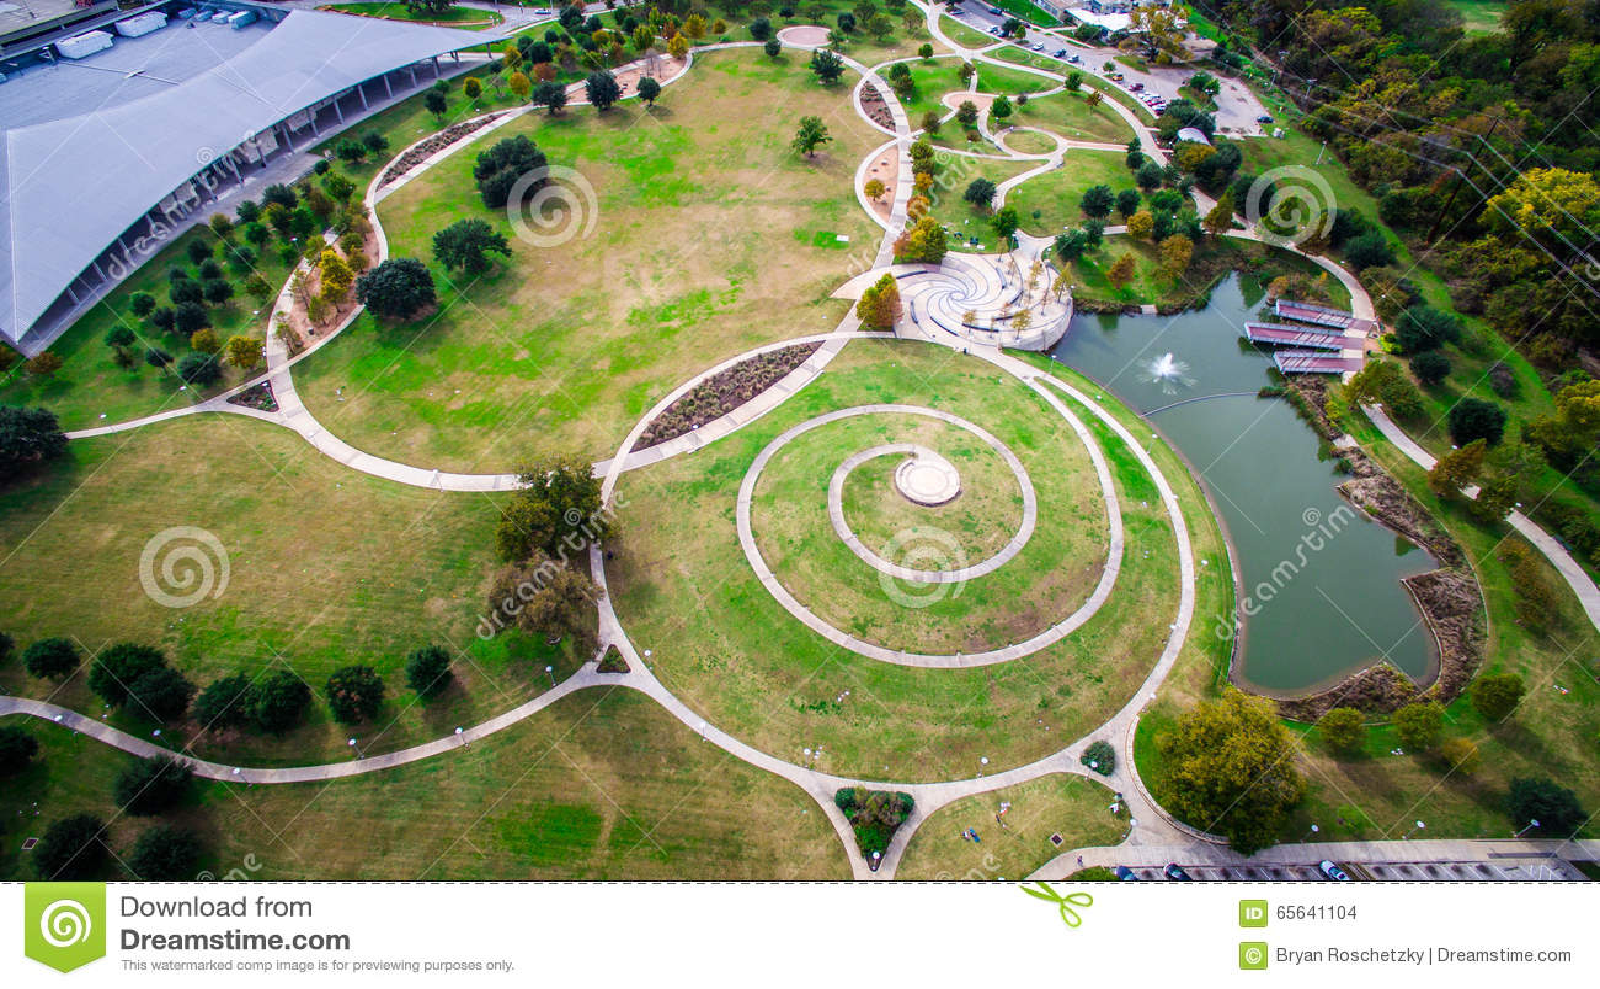 Entourez la vue aérienne Austin de modèles regardant vers le bas Butler Park